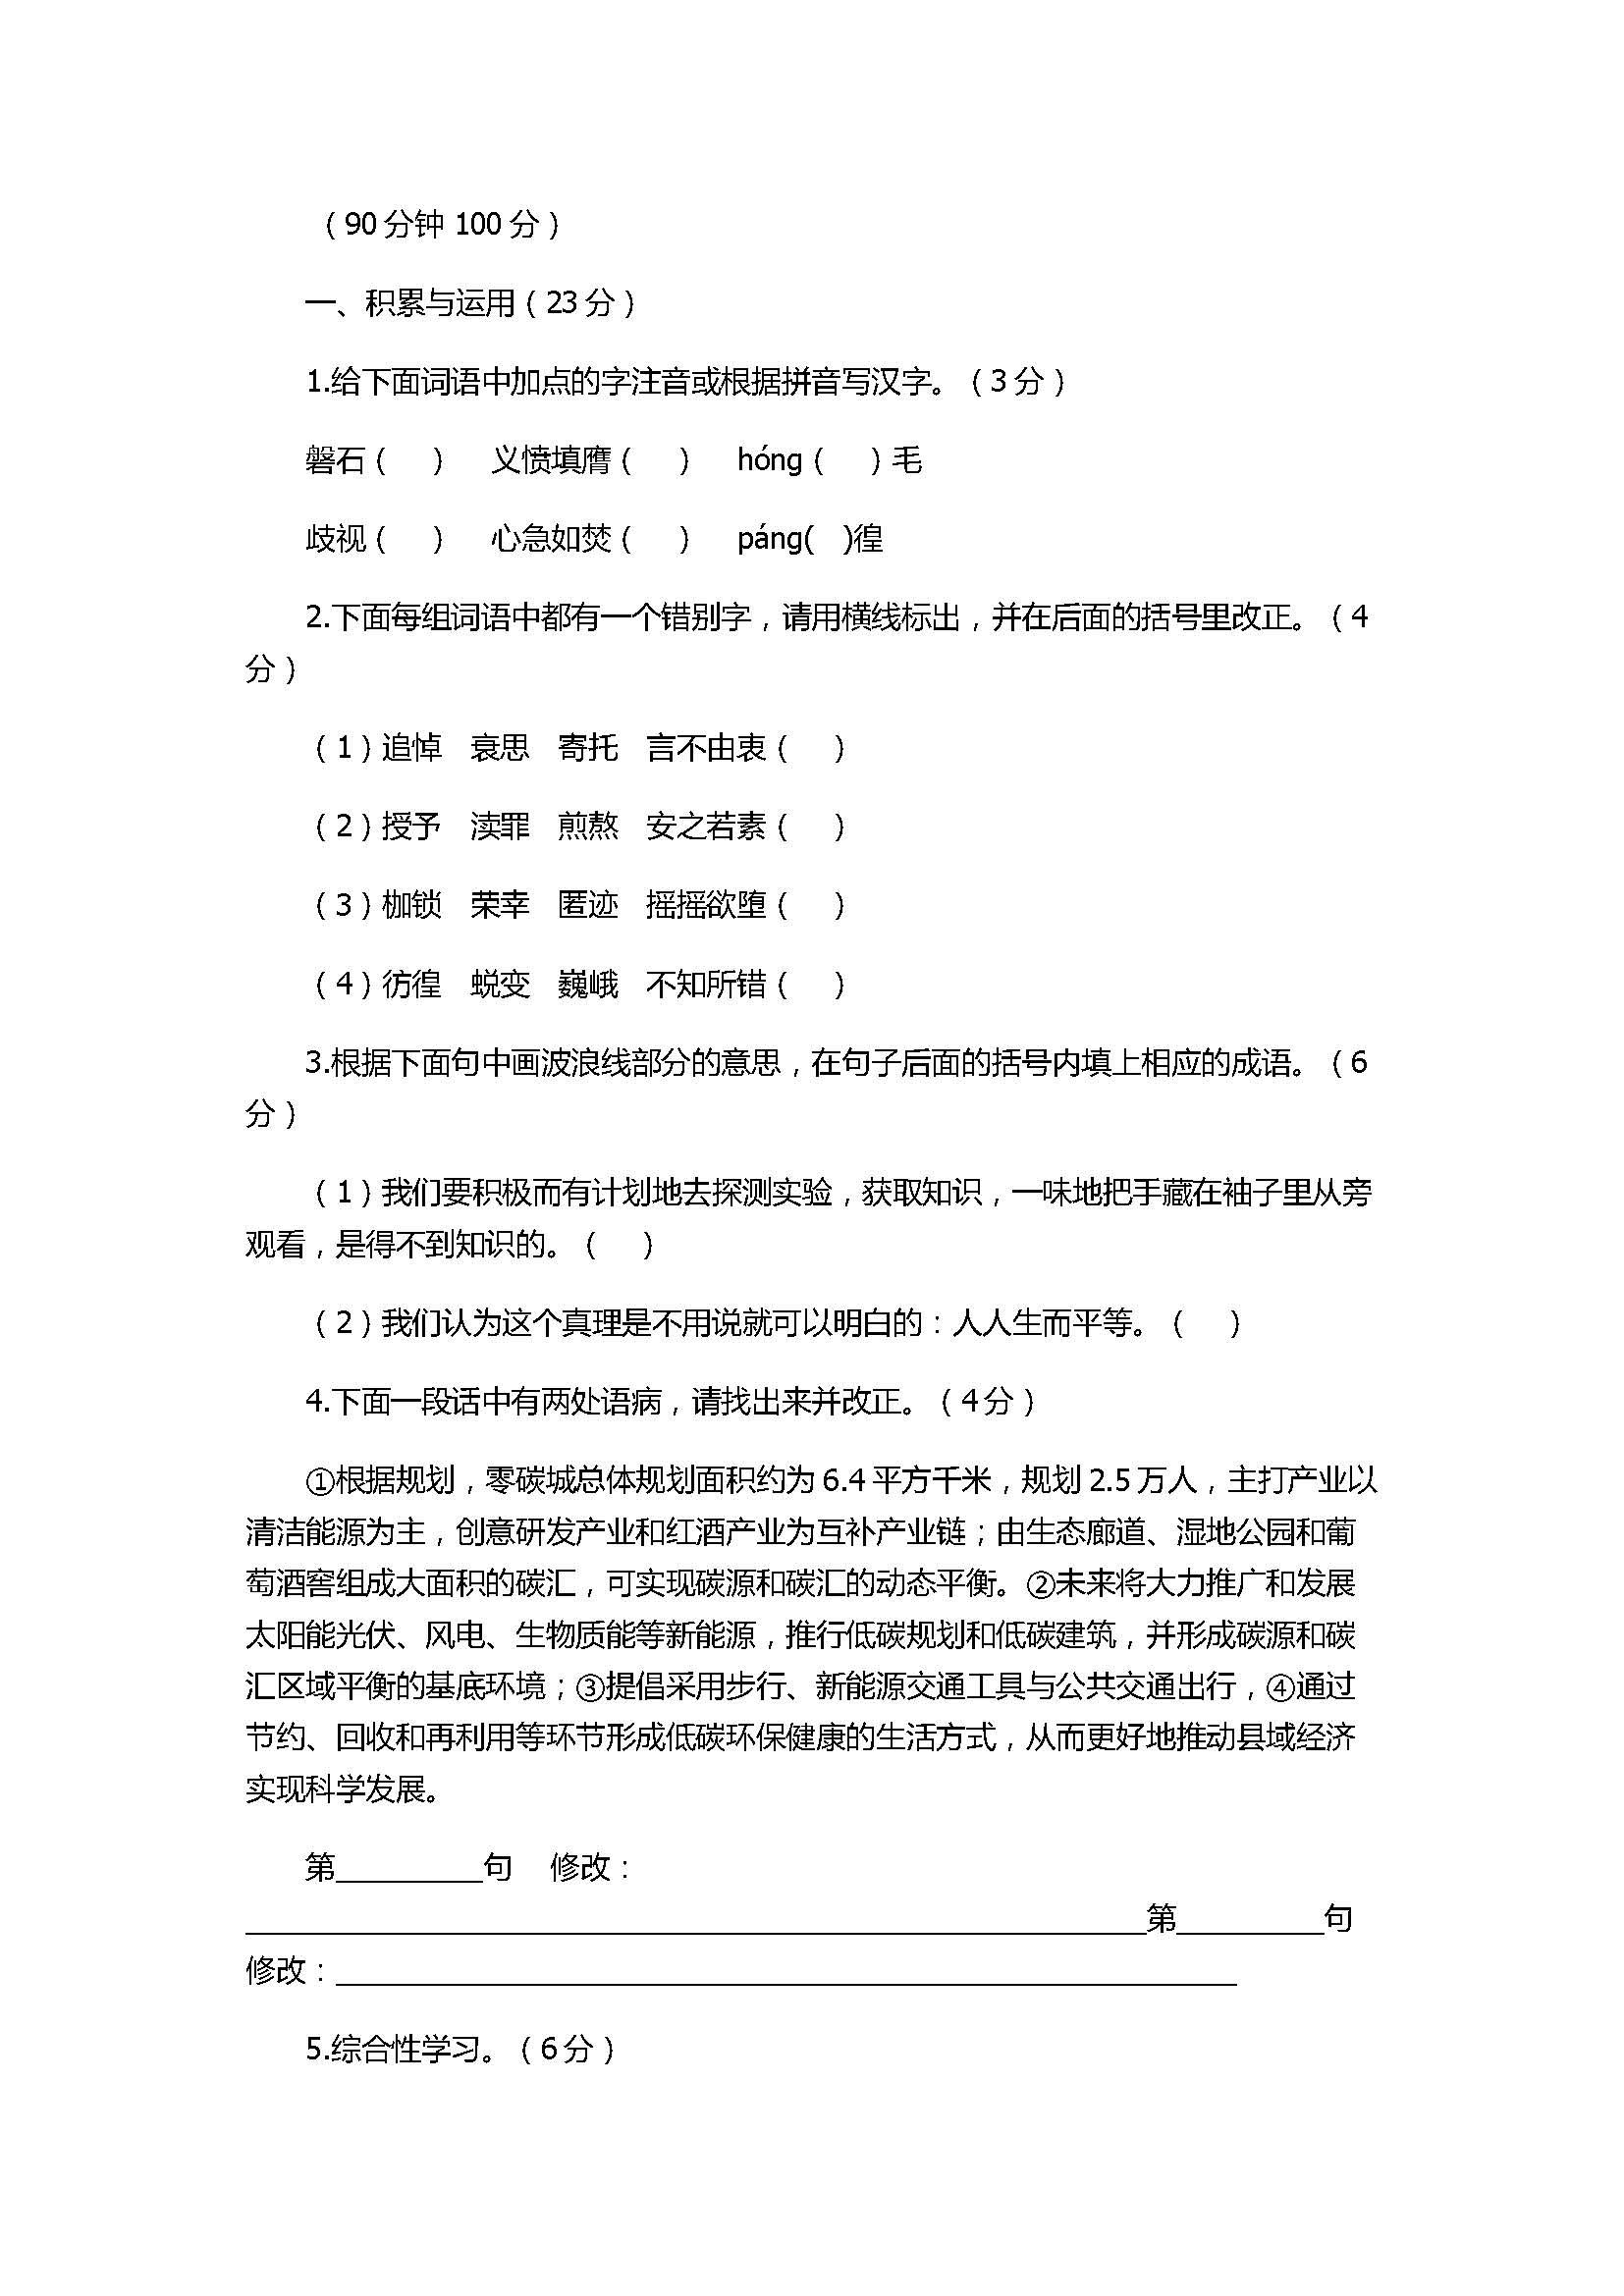 2017初二年级语文下册第四单元测试题附答案(人教版)